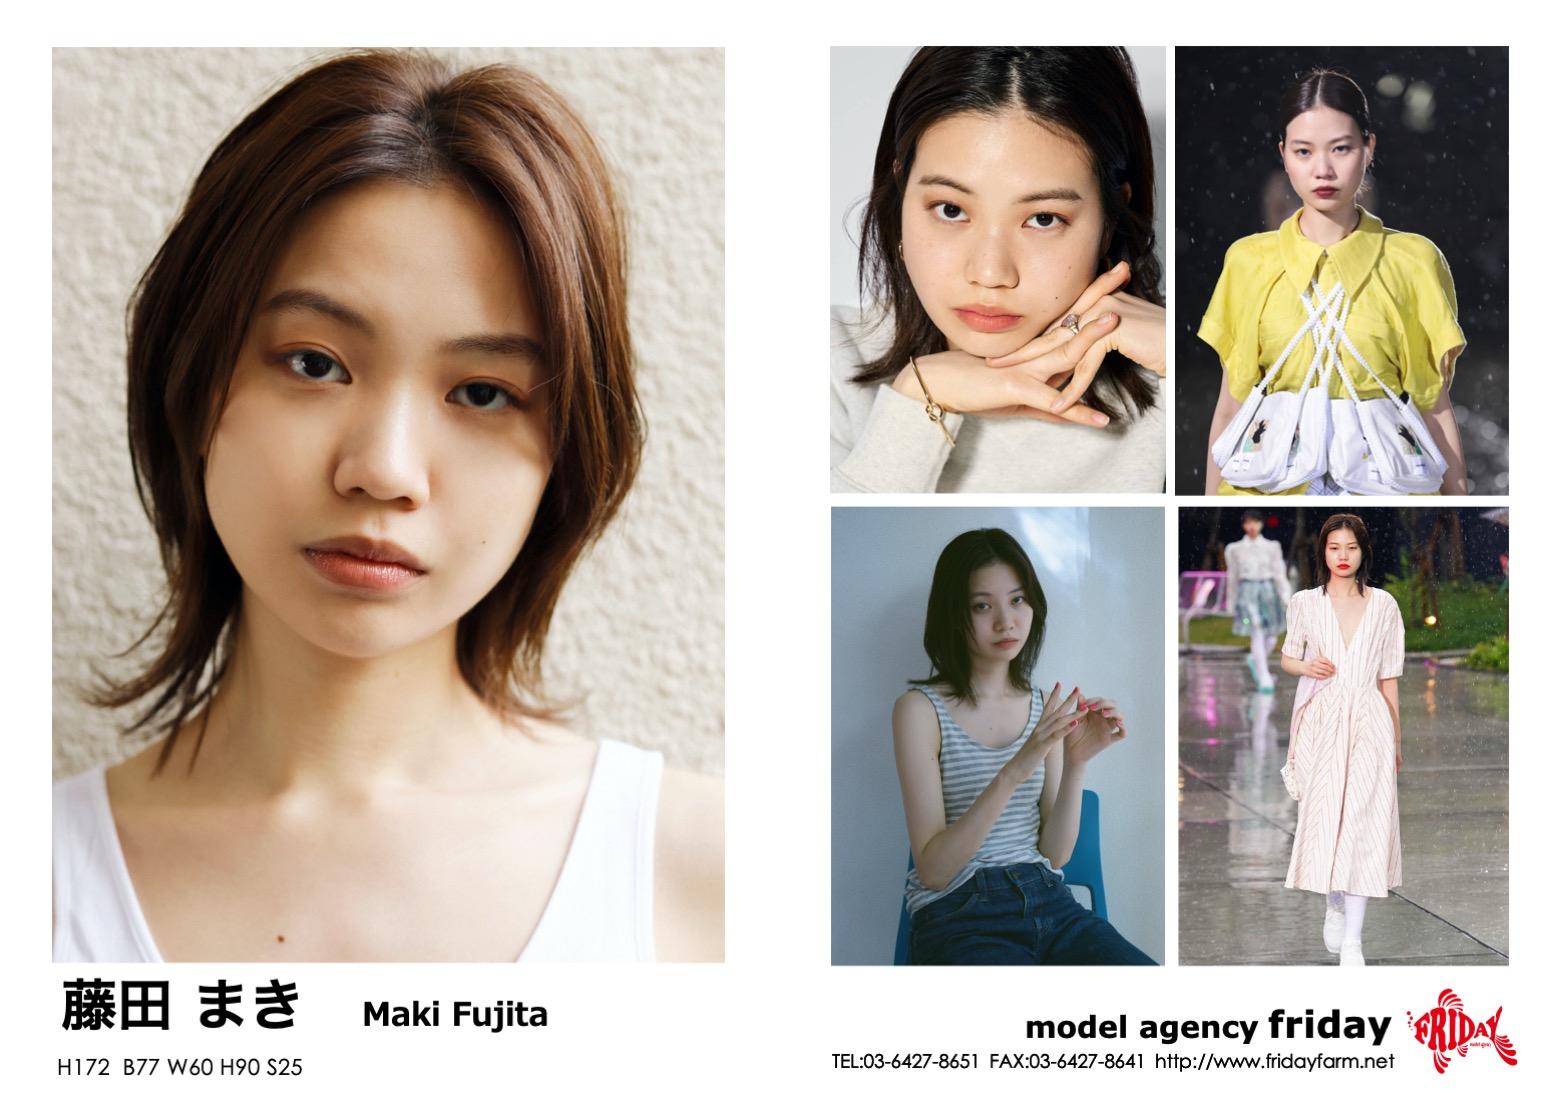 藤田 まき - Maki Fujita   model agency friday